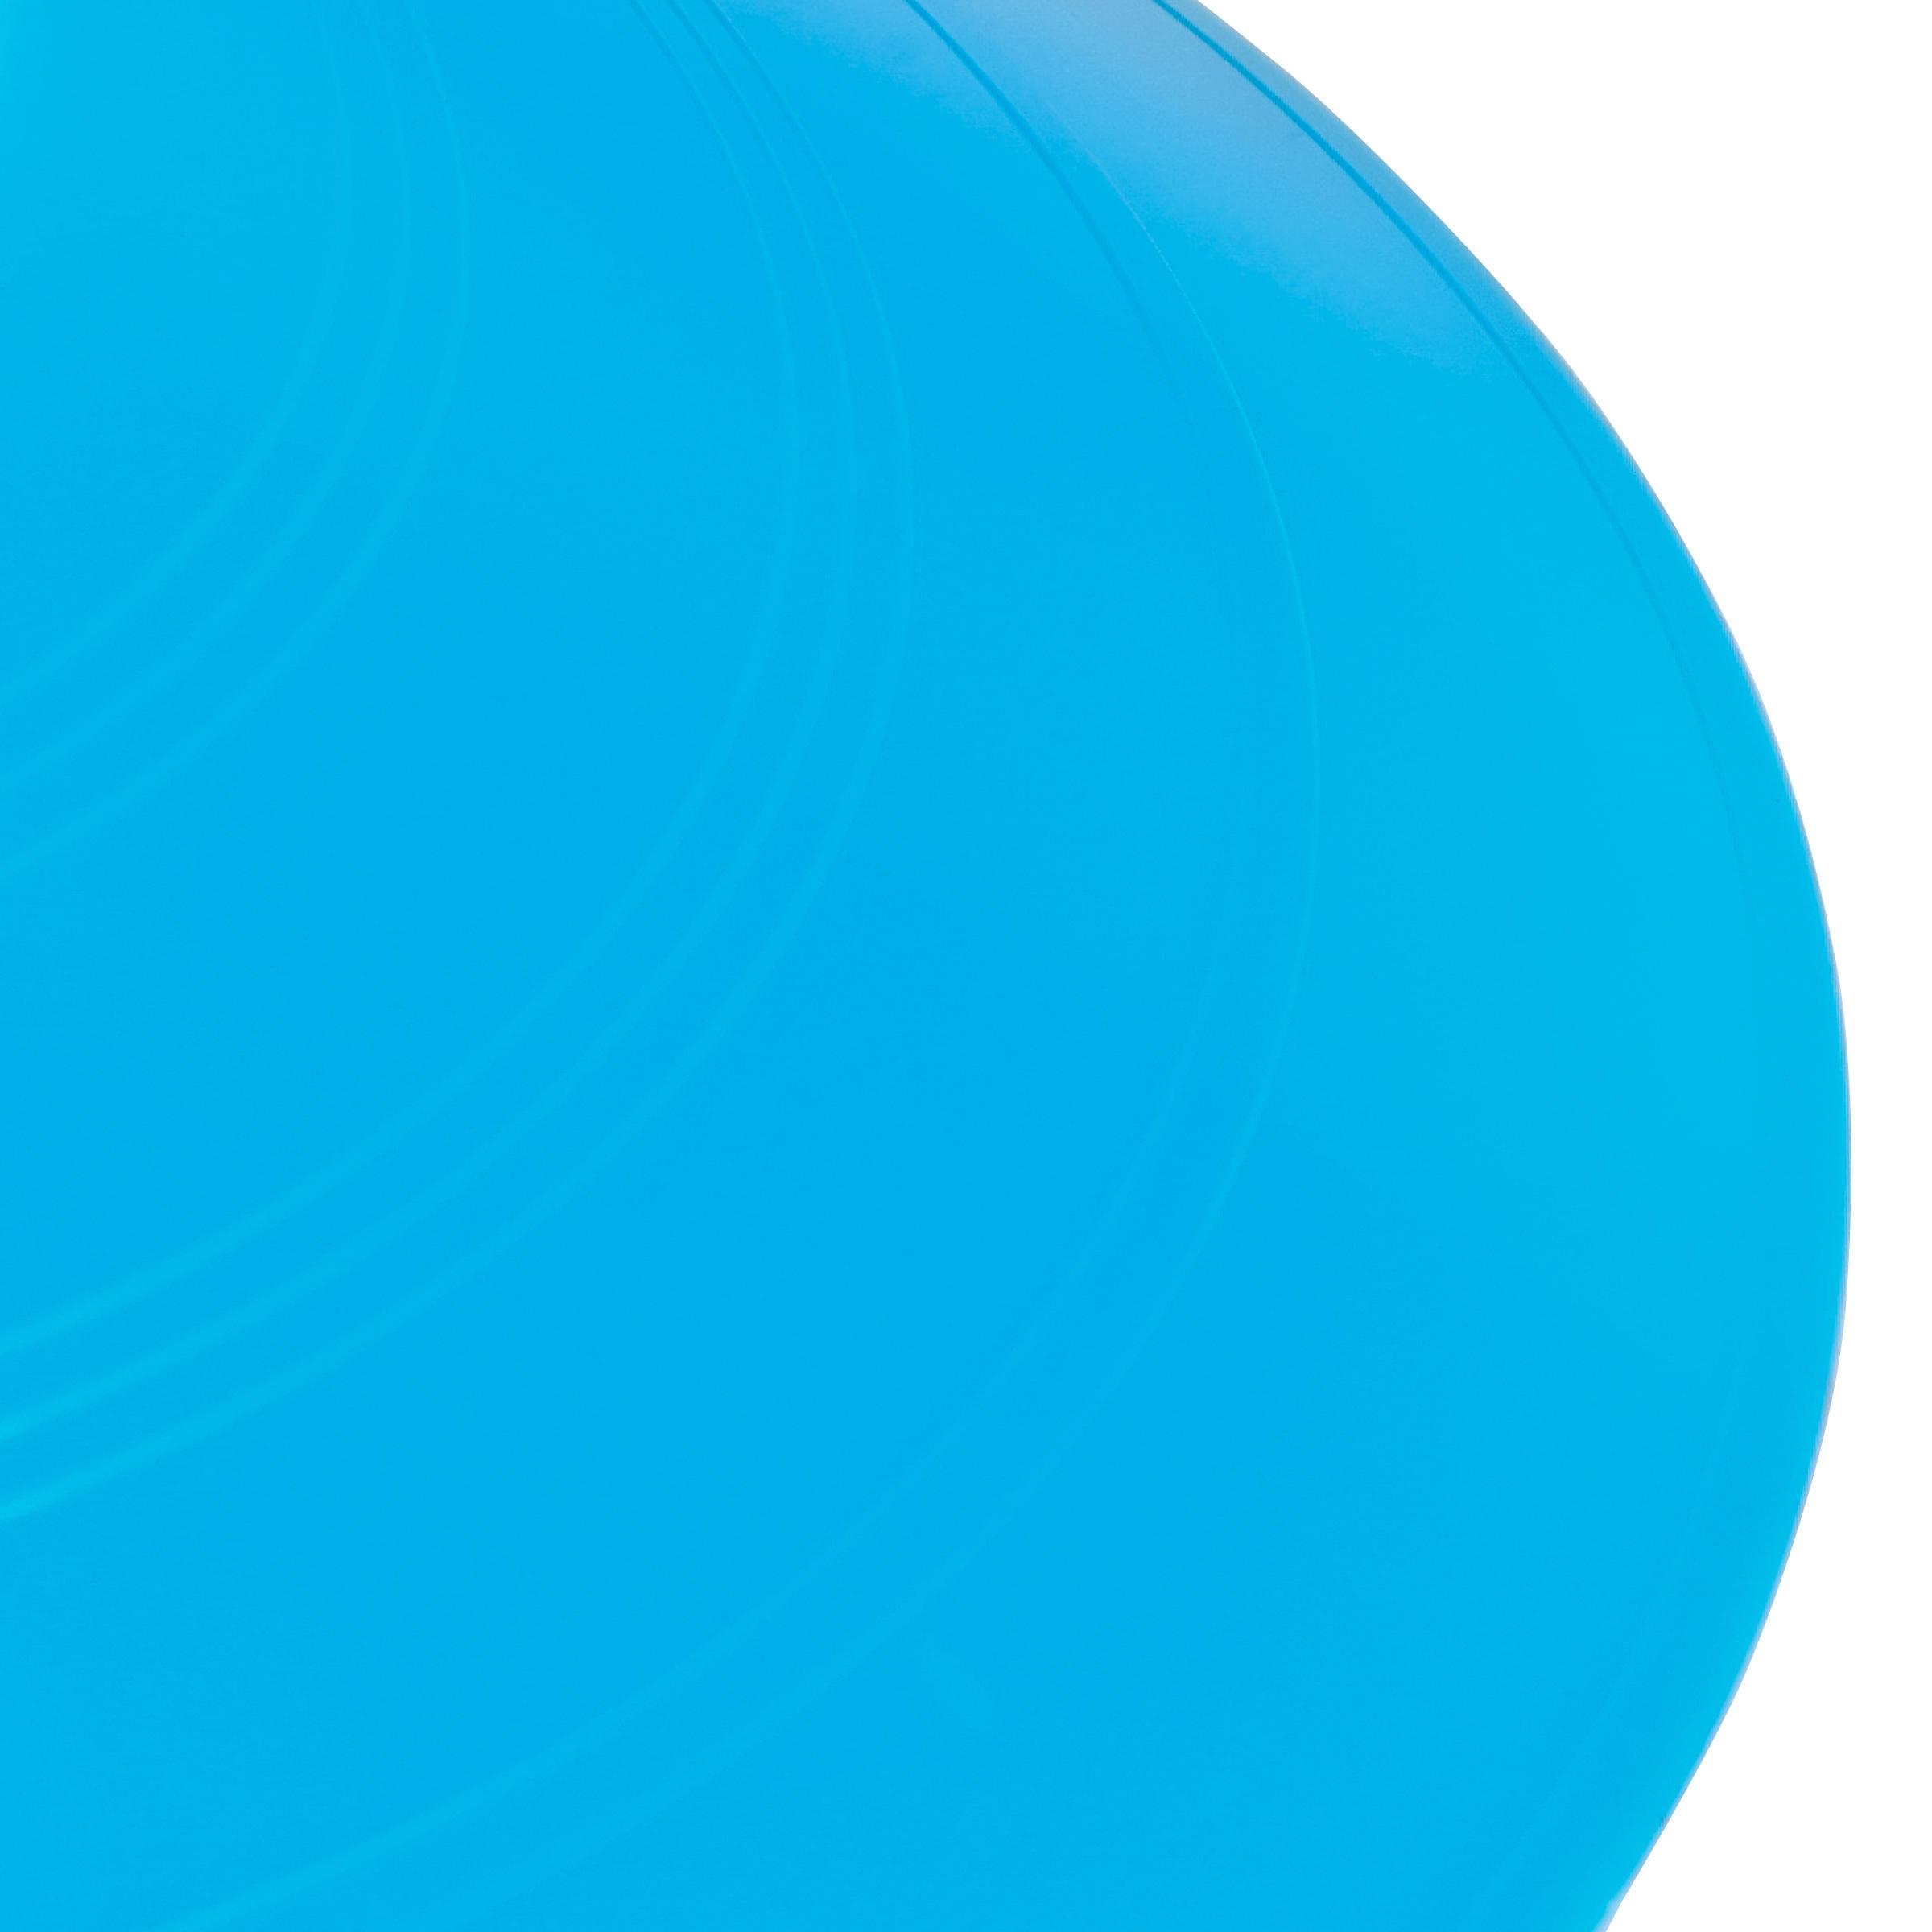 Ensemble de 40 disques plats (10 bleus, 10 blancs, 10 rouges, 10 jaunes)